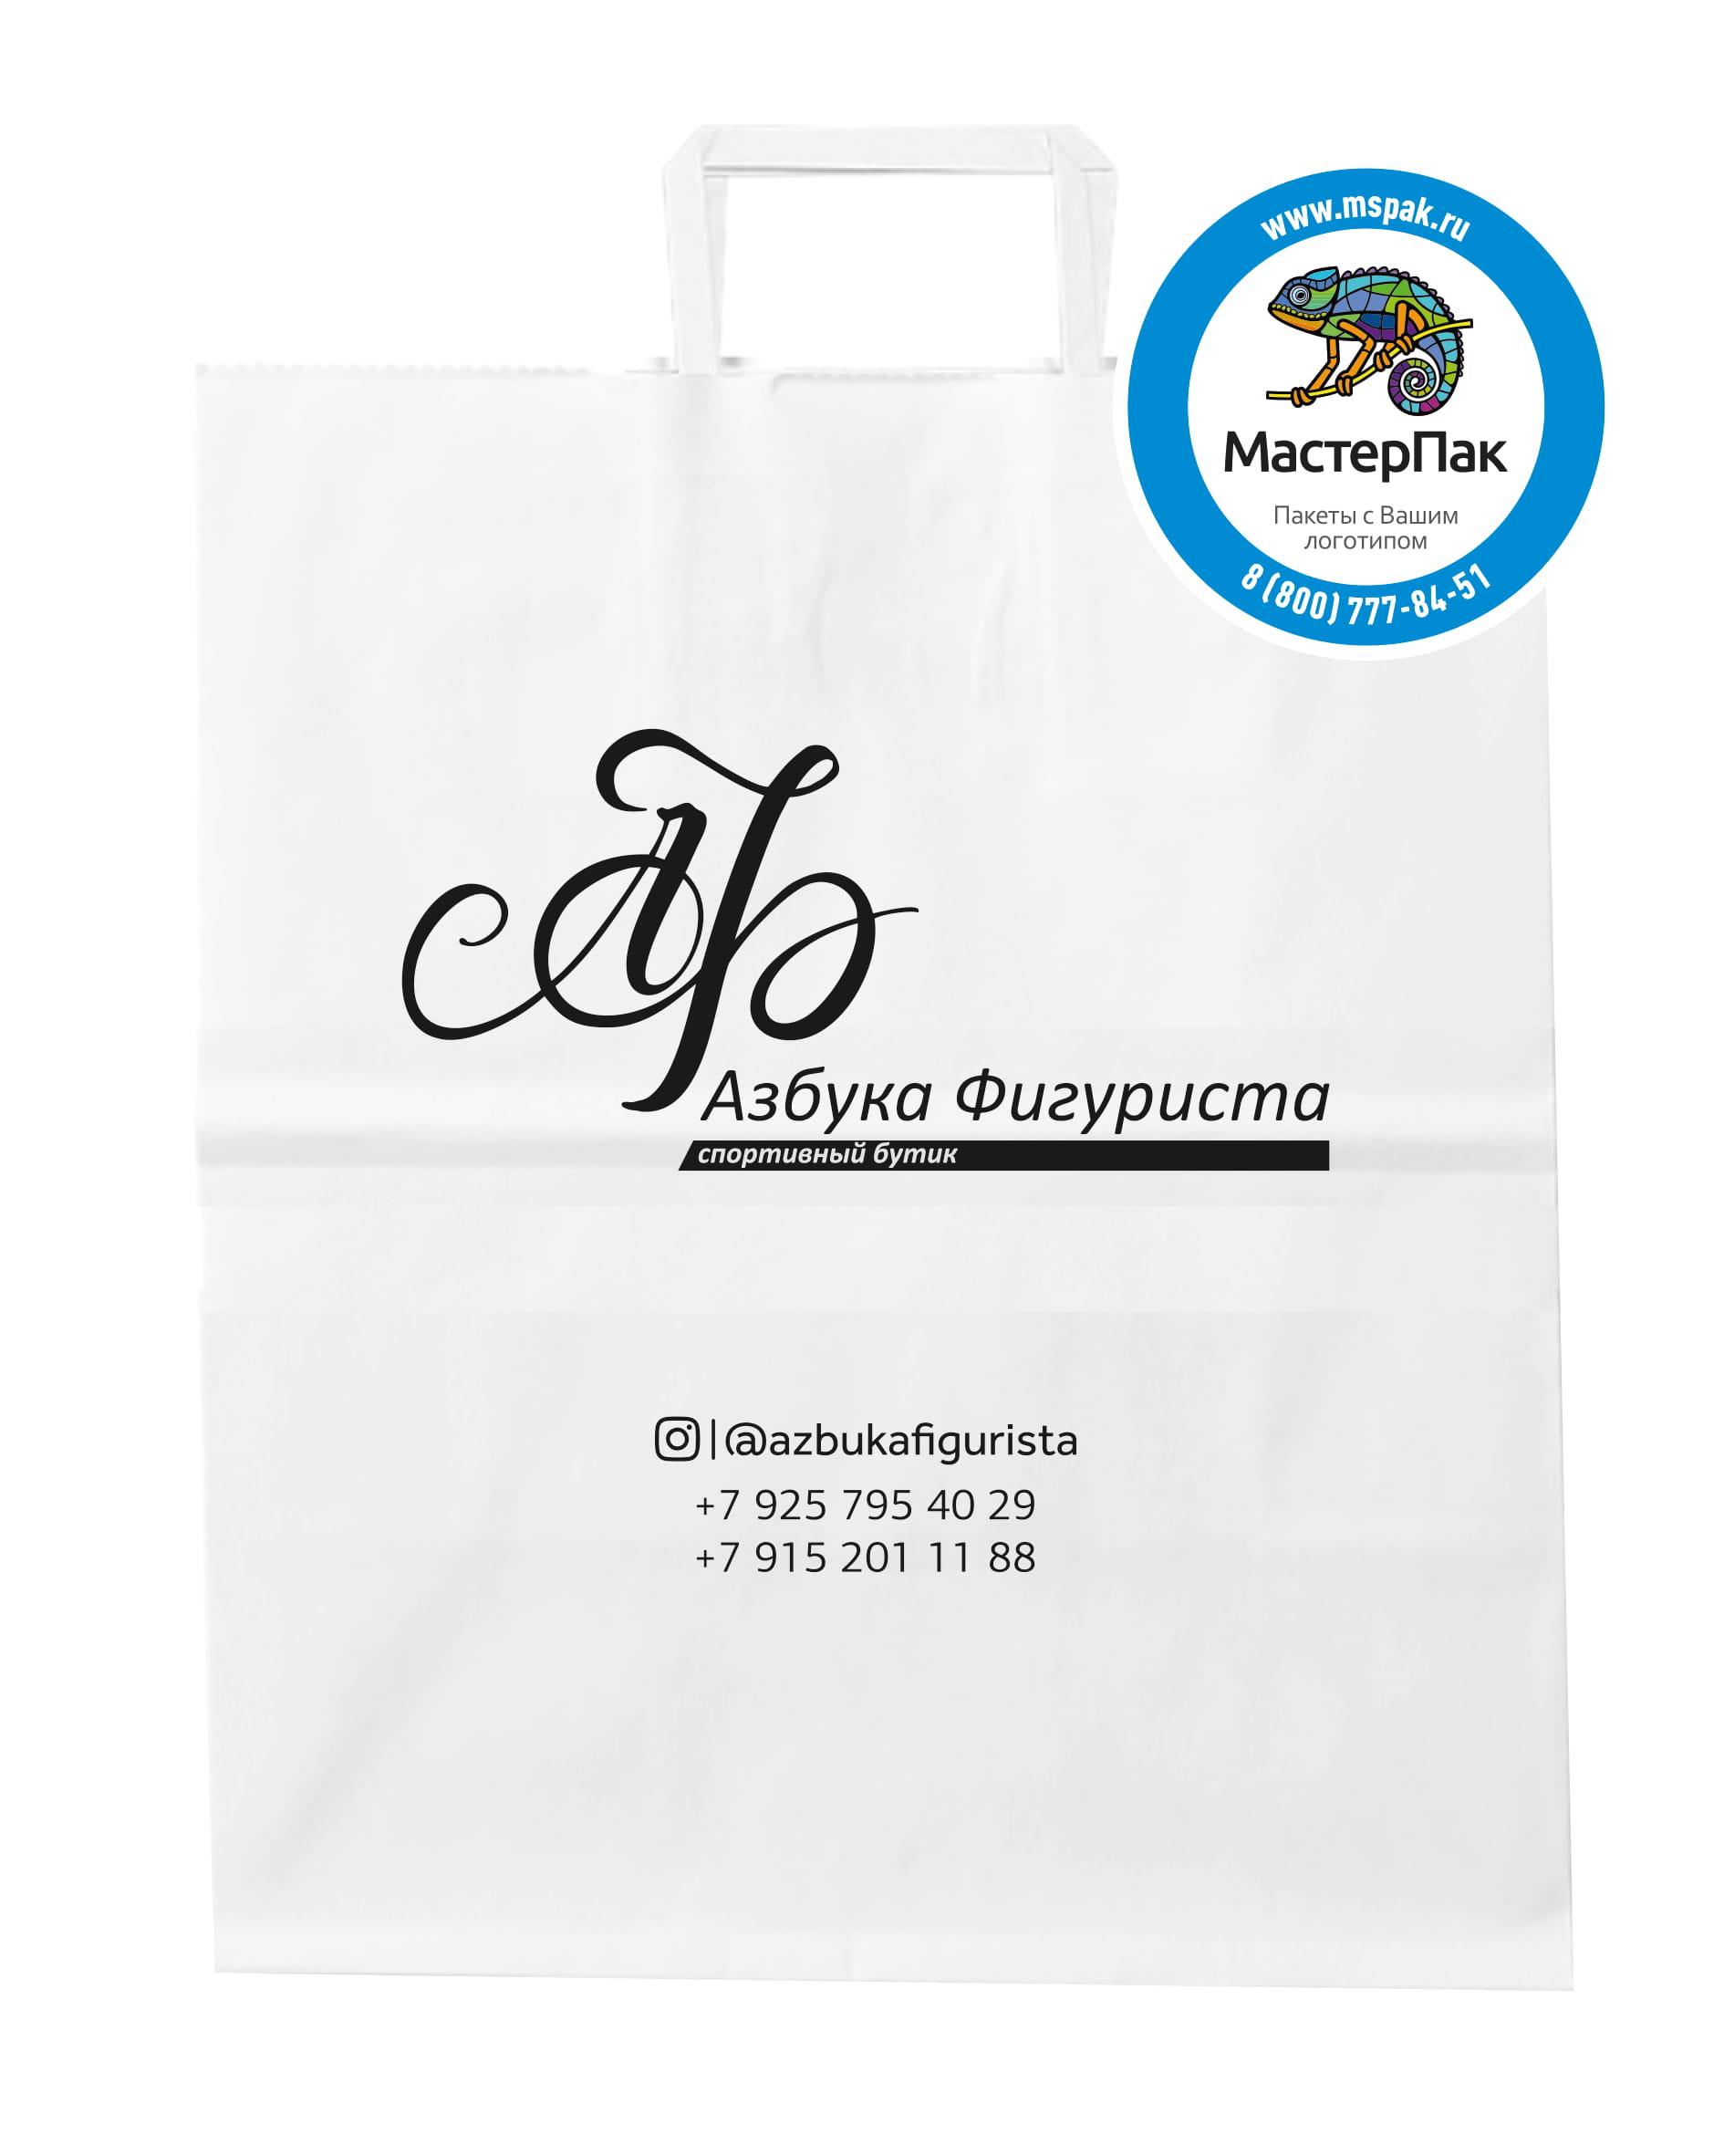 Пакет крафт, бумажный с логотипом Азбука фигуриста, Иваново, 32*60 см